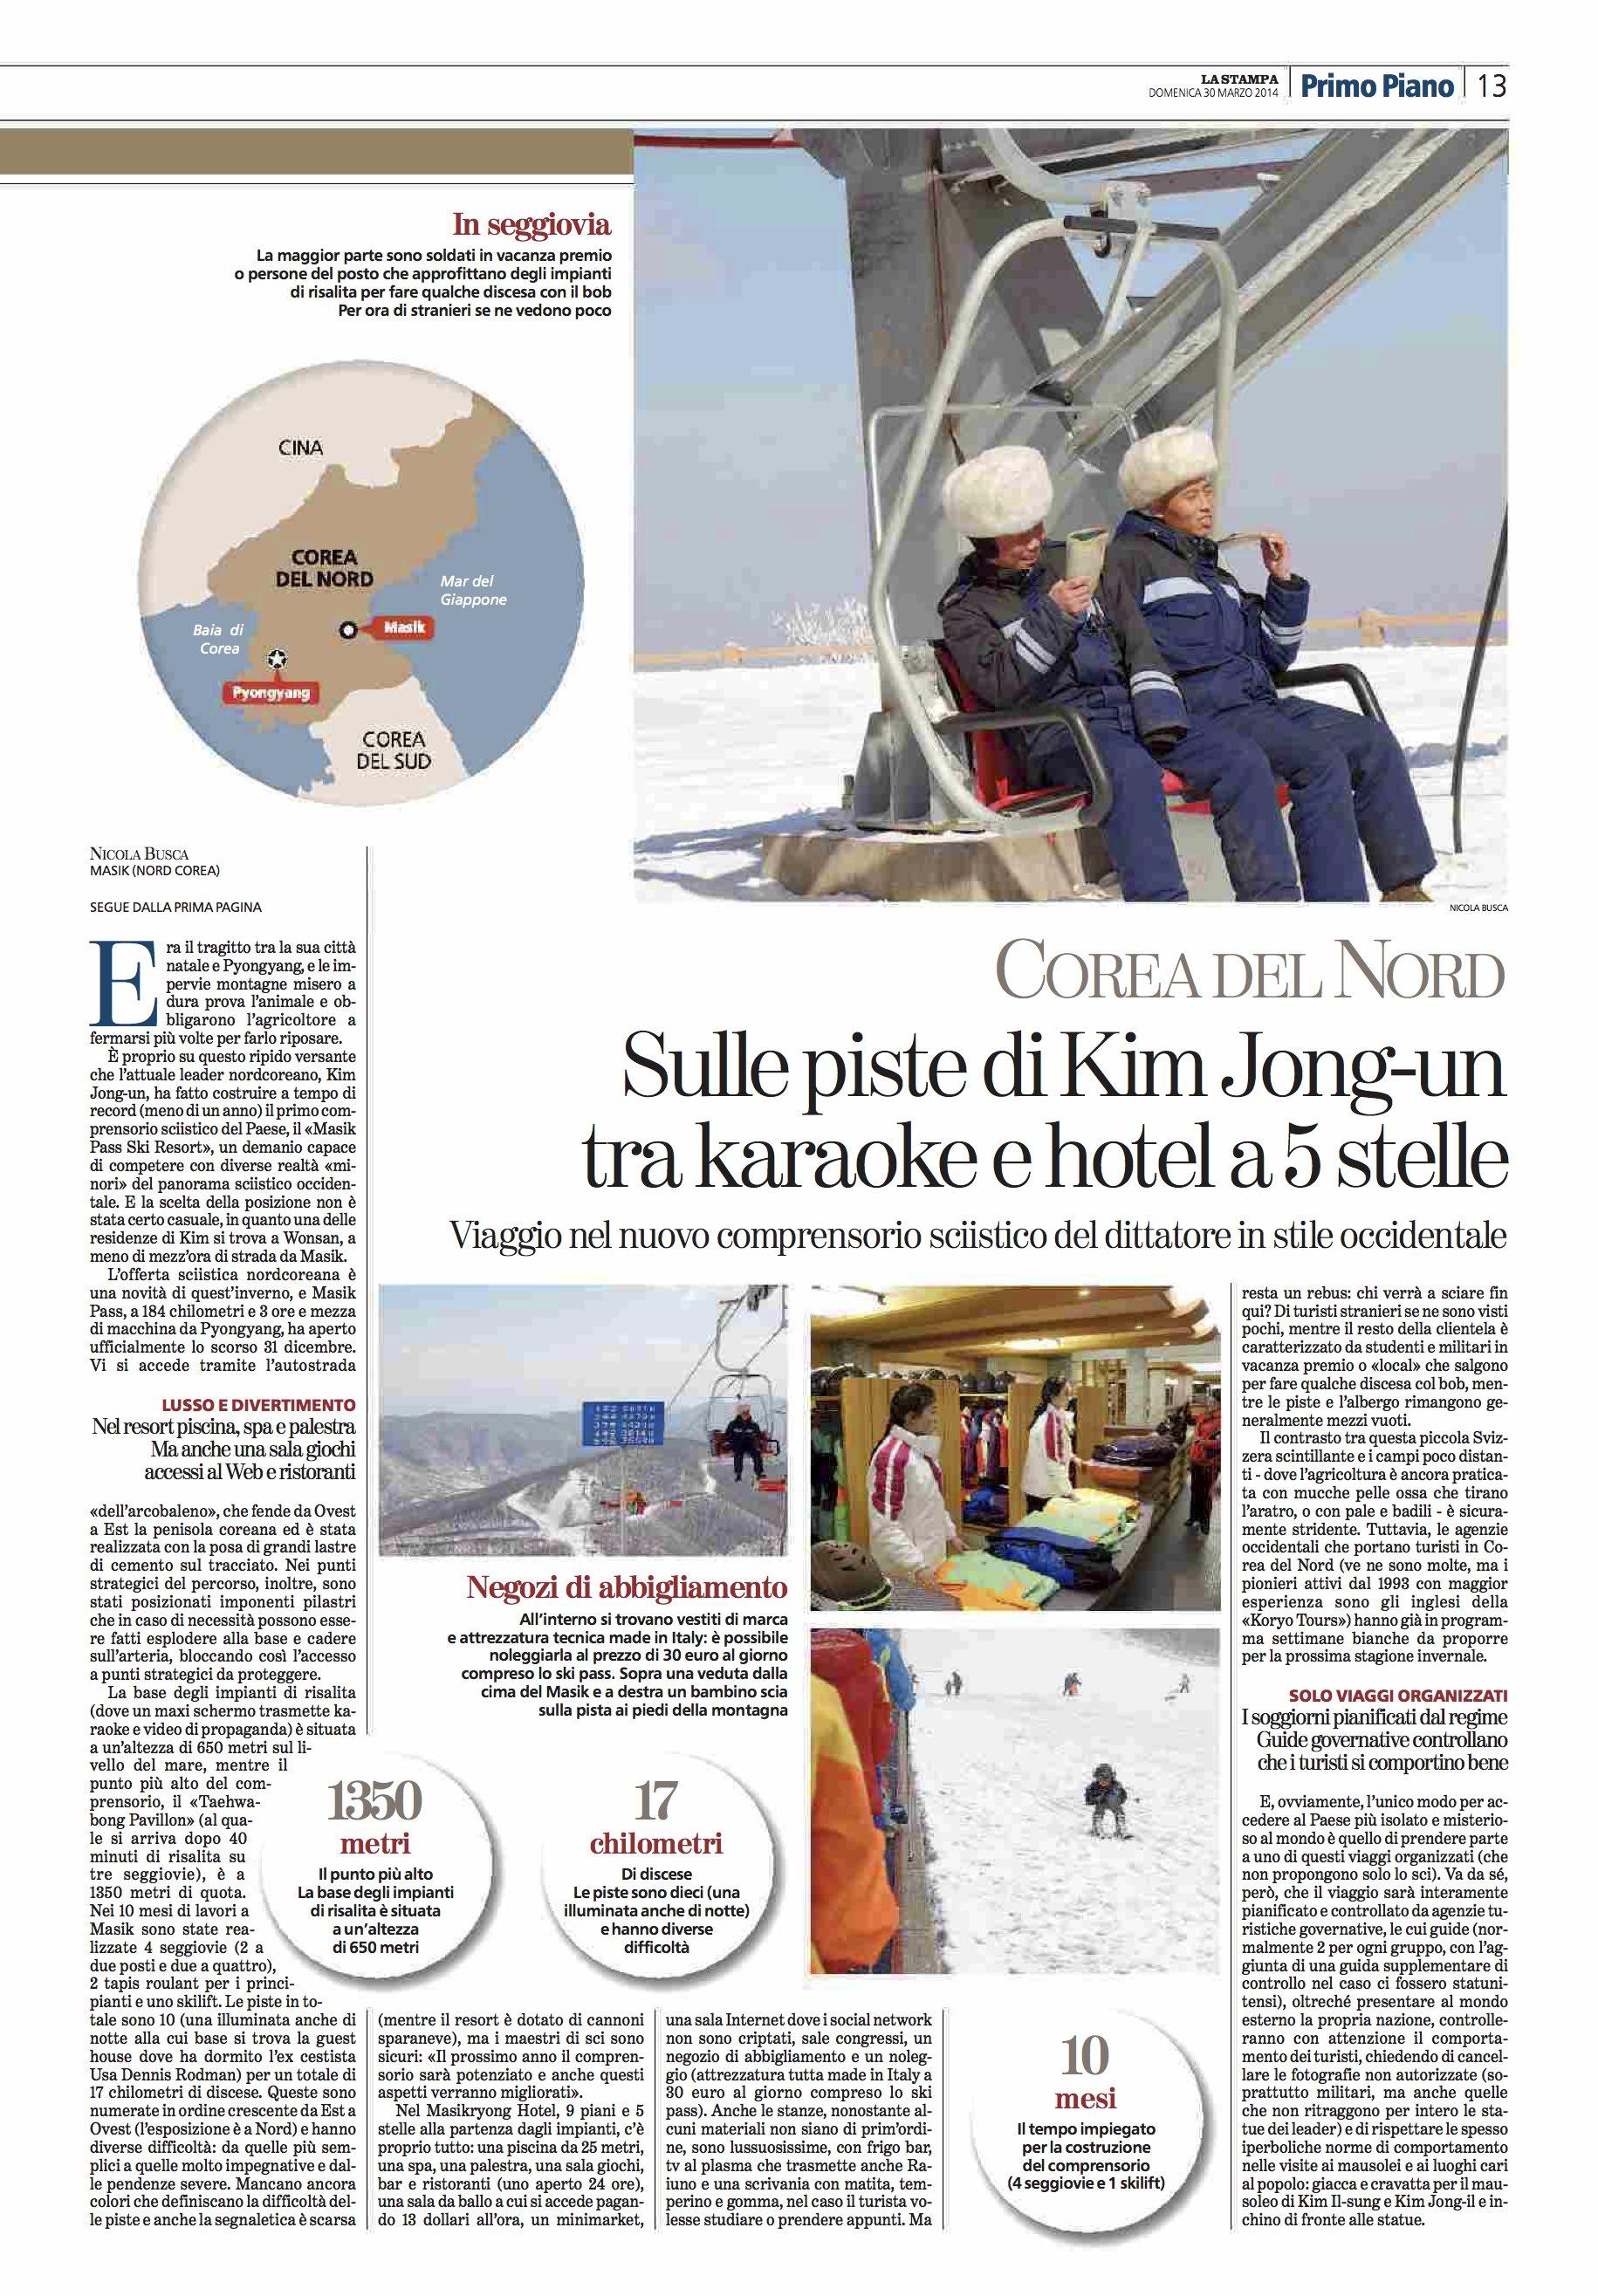 La Stampa (ITA). Ski in North Korea. 03-28-14